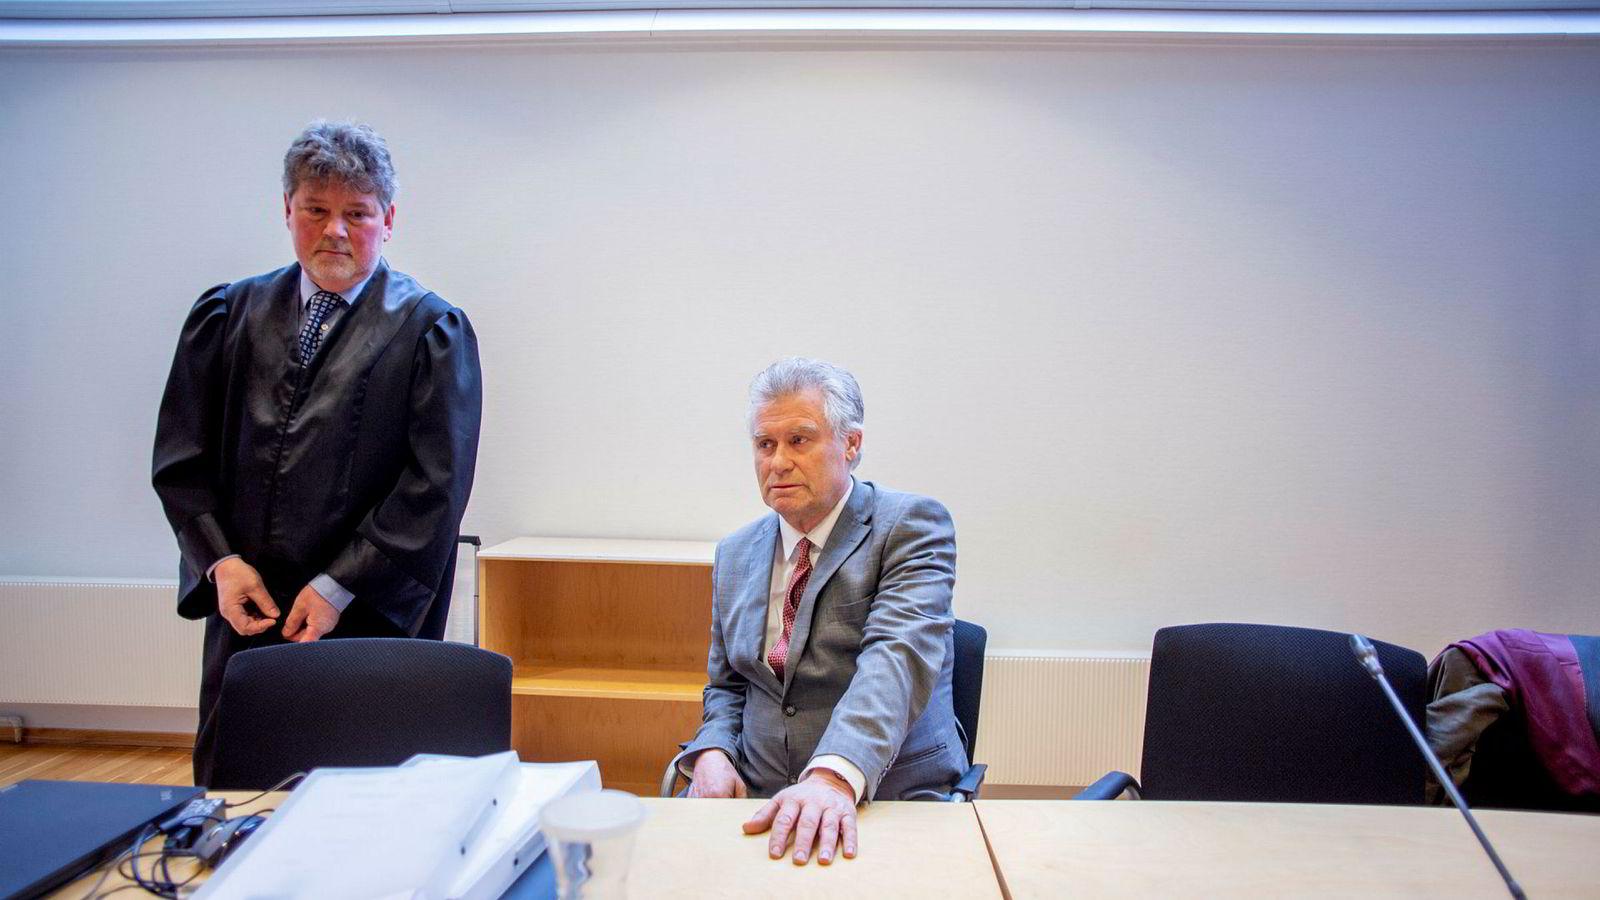 Eiendomsinvestor Leif Botolf Hesle vant saken mot saksmålet fra tidligere arbeidsgivers pensjonskasse.